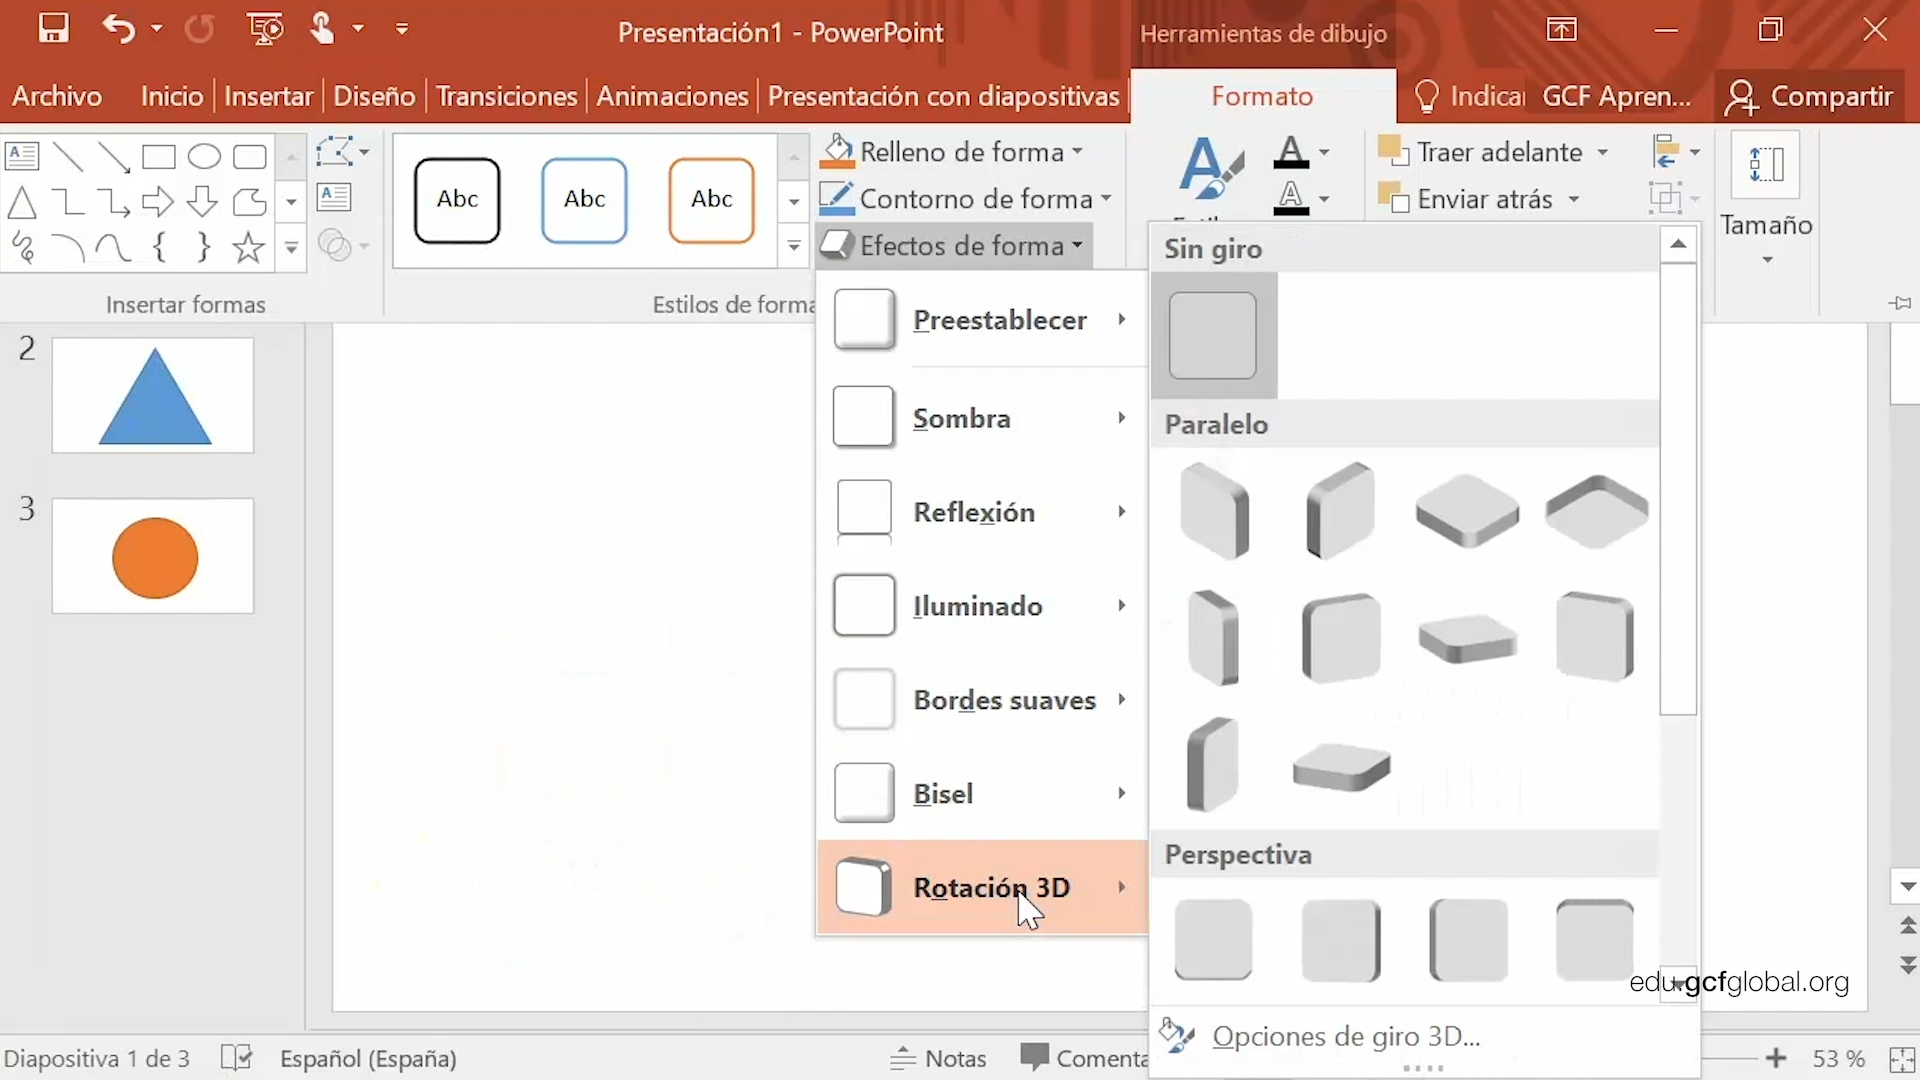 Imagen de Powerpoint explorando las opciones Relleno de forma, Contorno de forma y Efectos de forma.